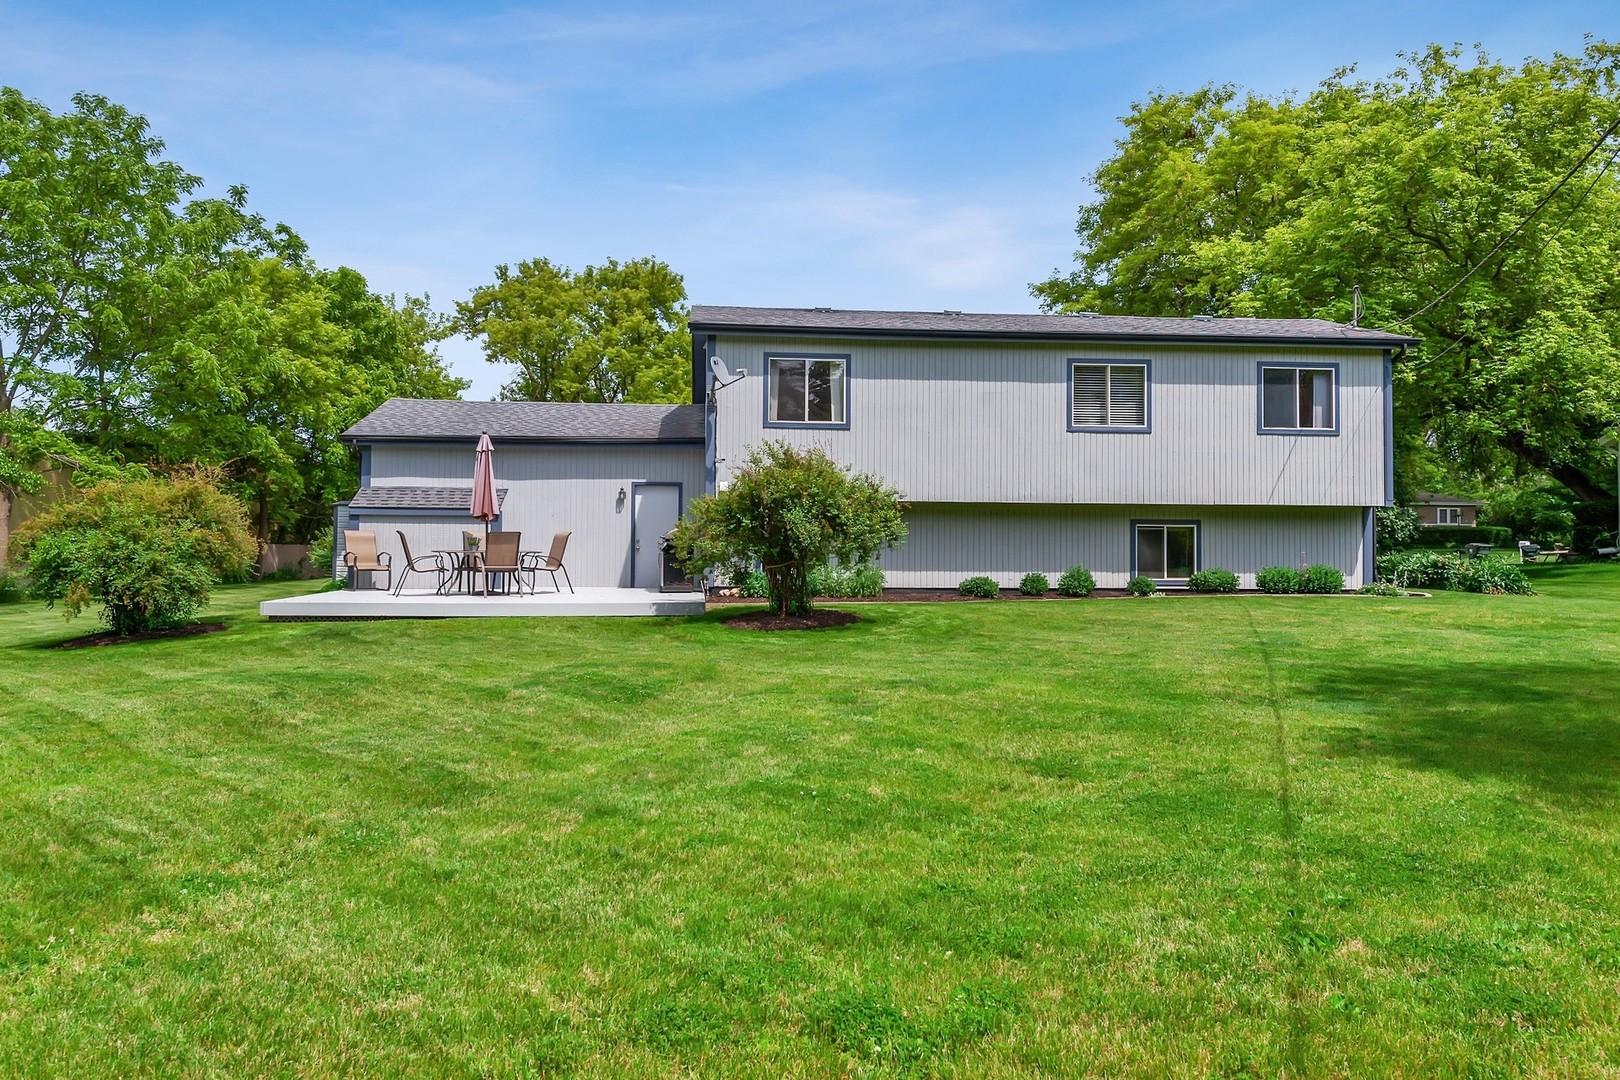 7711 Utility, Spring Grove, Illinois, 60081